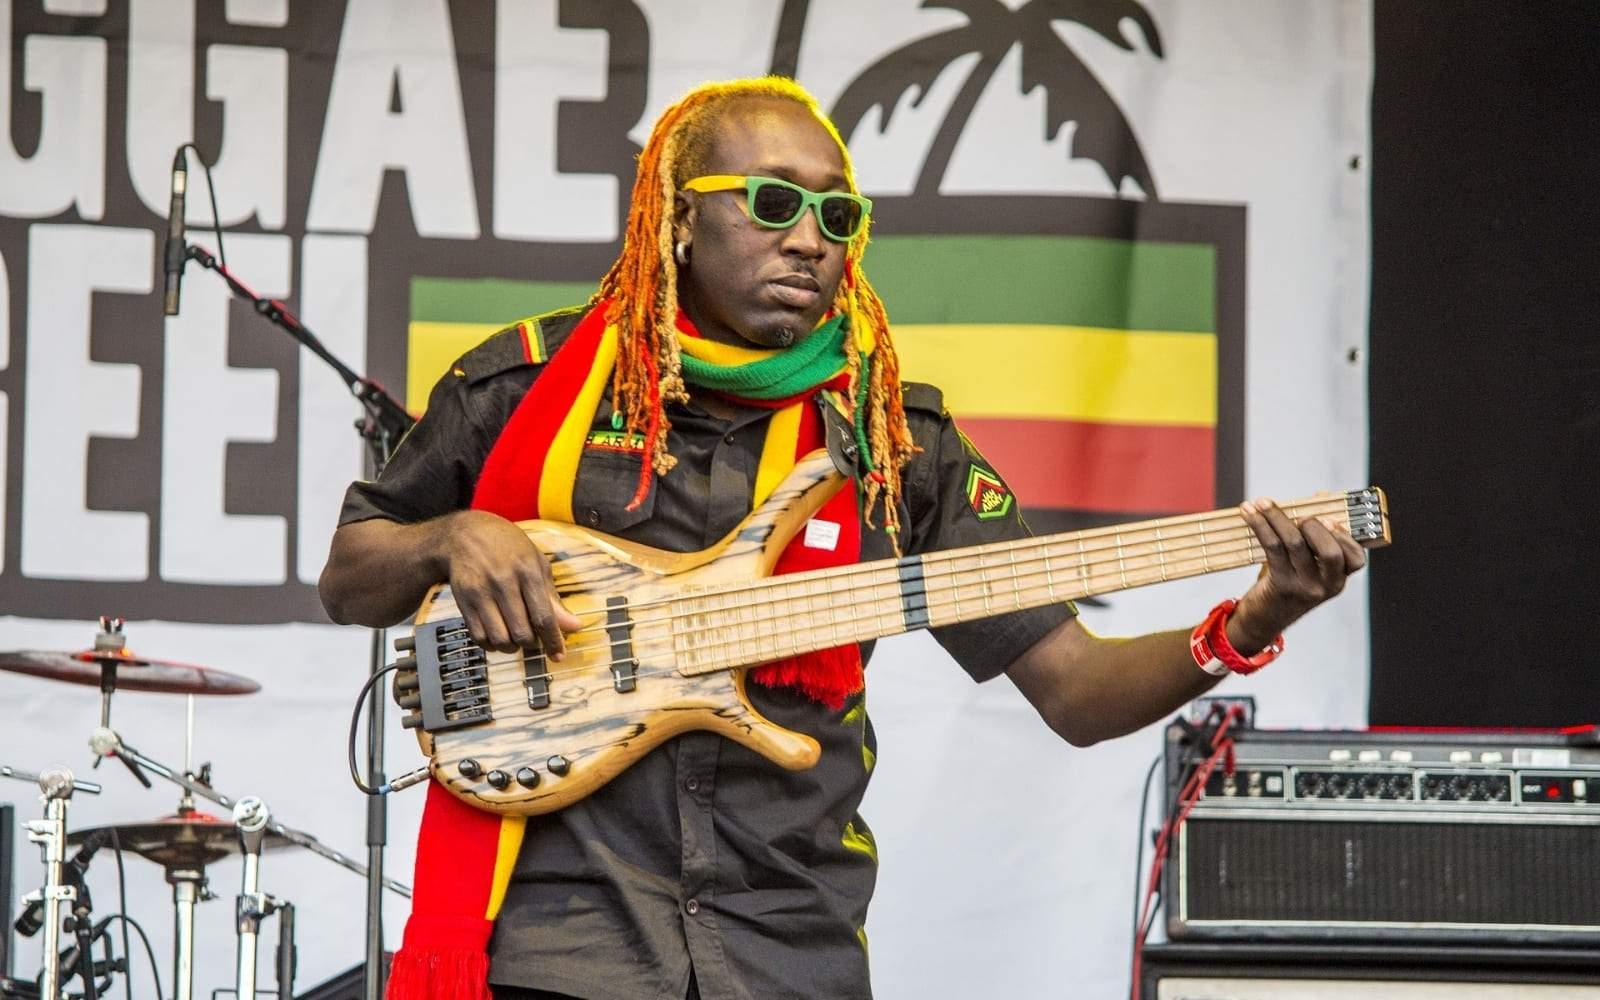 Artiste reggae sur scene qui joue de la guitare avec des dreadlocks aux couleurs vertes jaunes et rouges